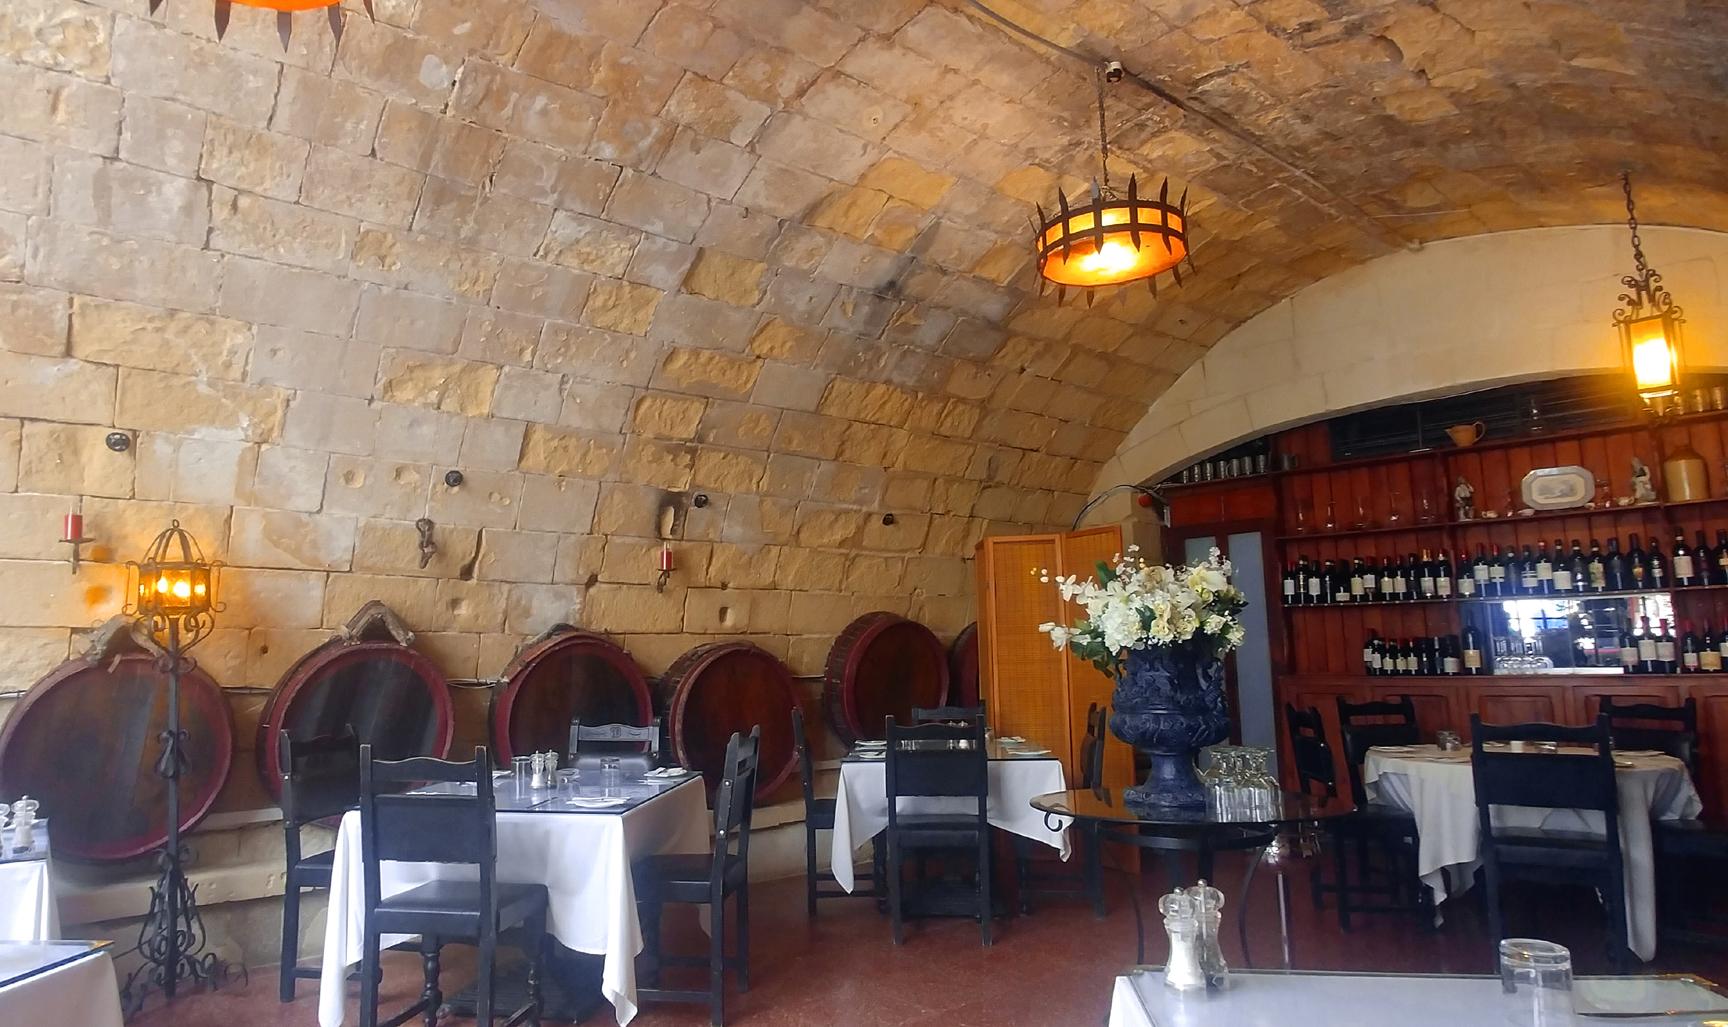 30-Days in Malta. Bacchus in Mdina. Photo: Charlebois